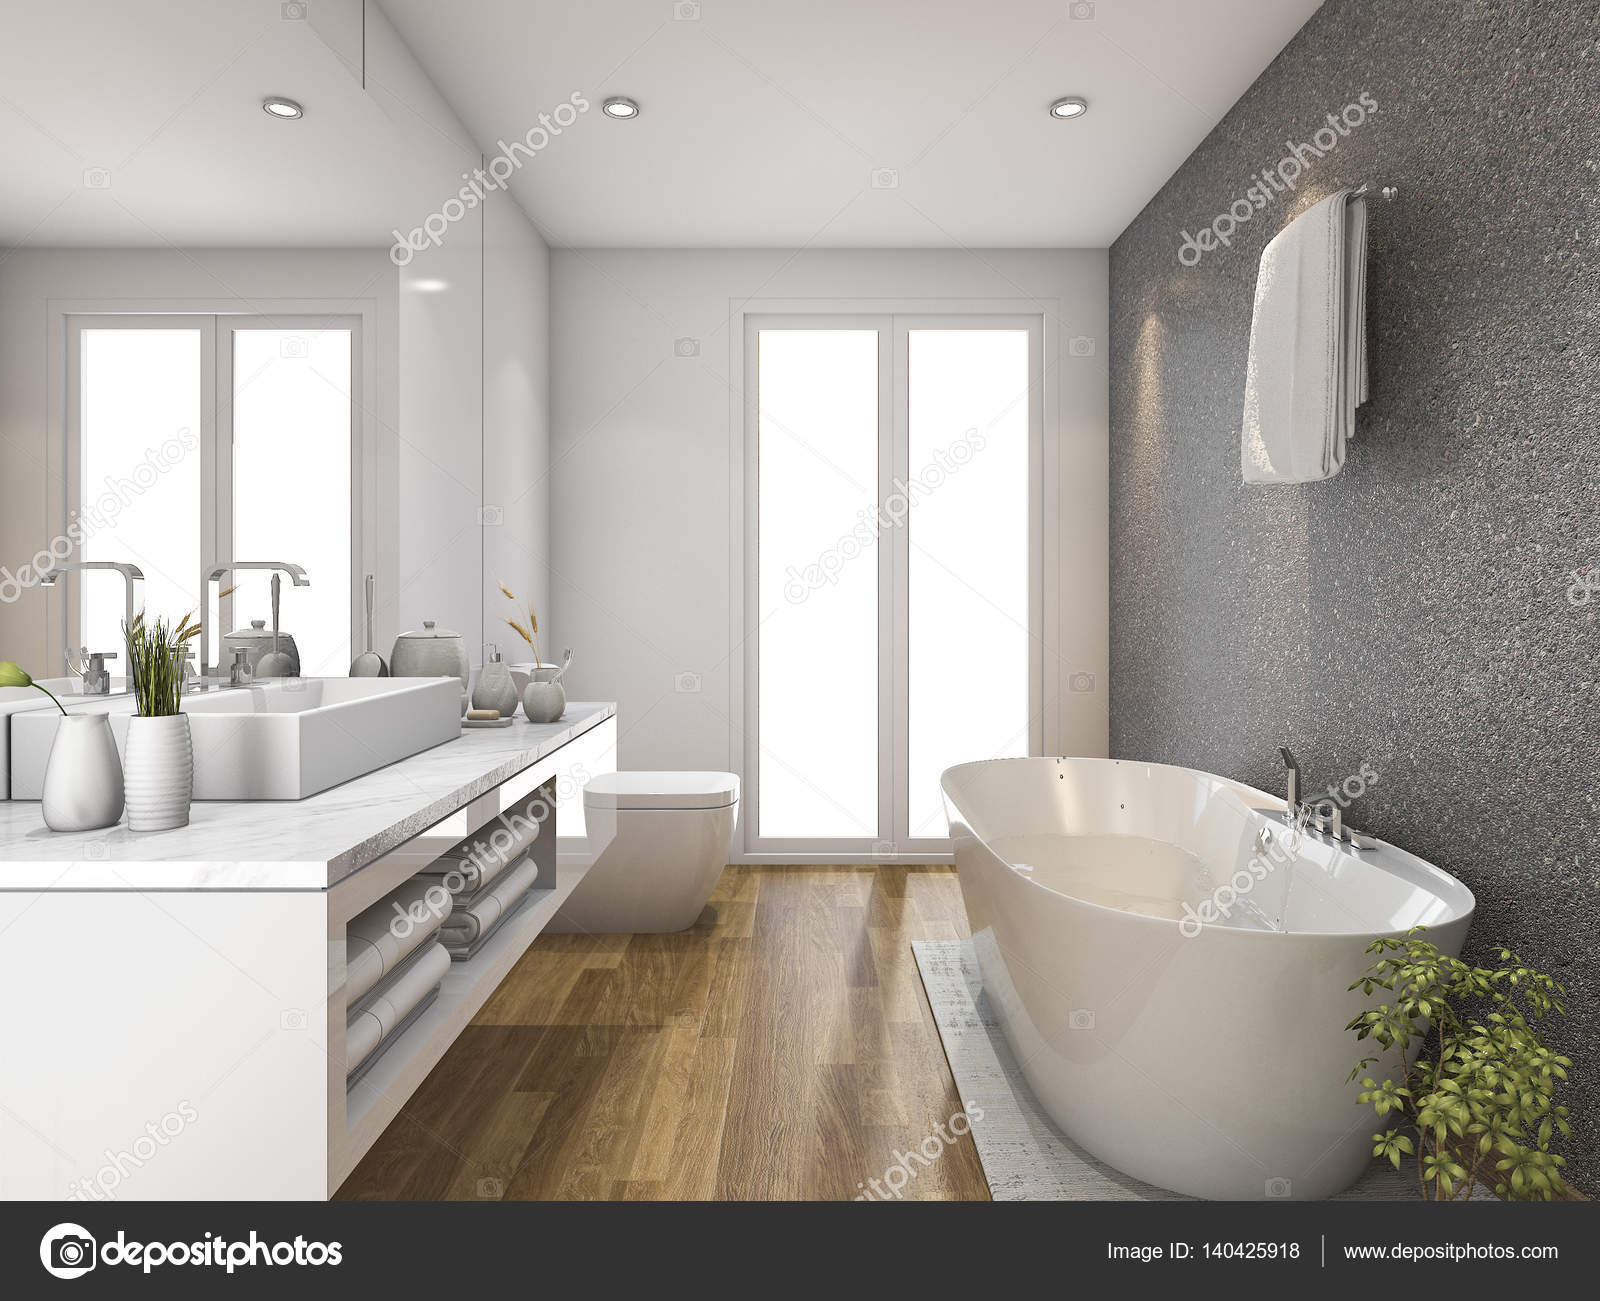 salle de bain bois de rendu 3D et avec lumière du jour de la fenêtre ...